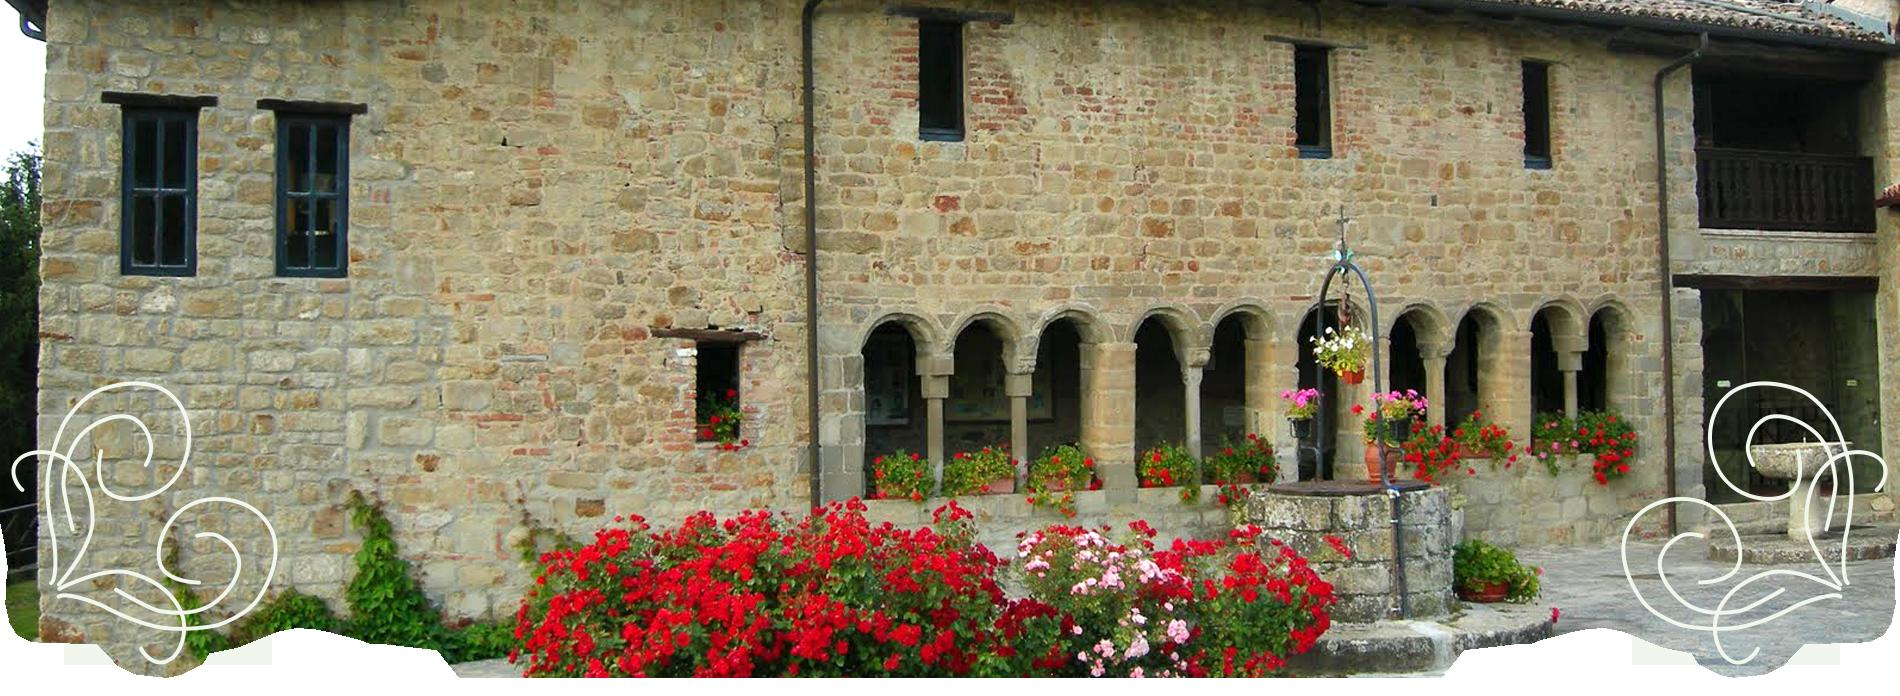 Borghi e dintorni al ristorante Delizie d'Oltrepò